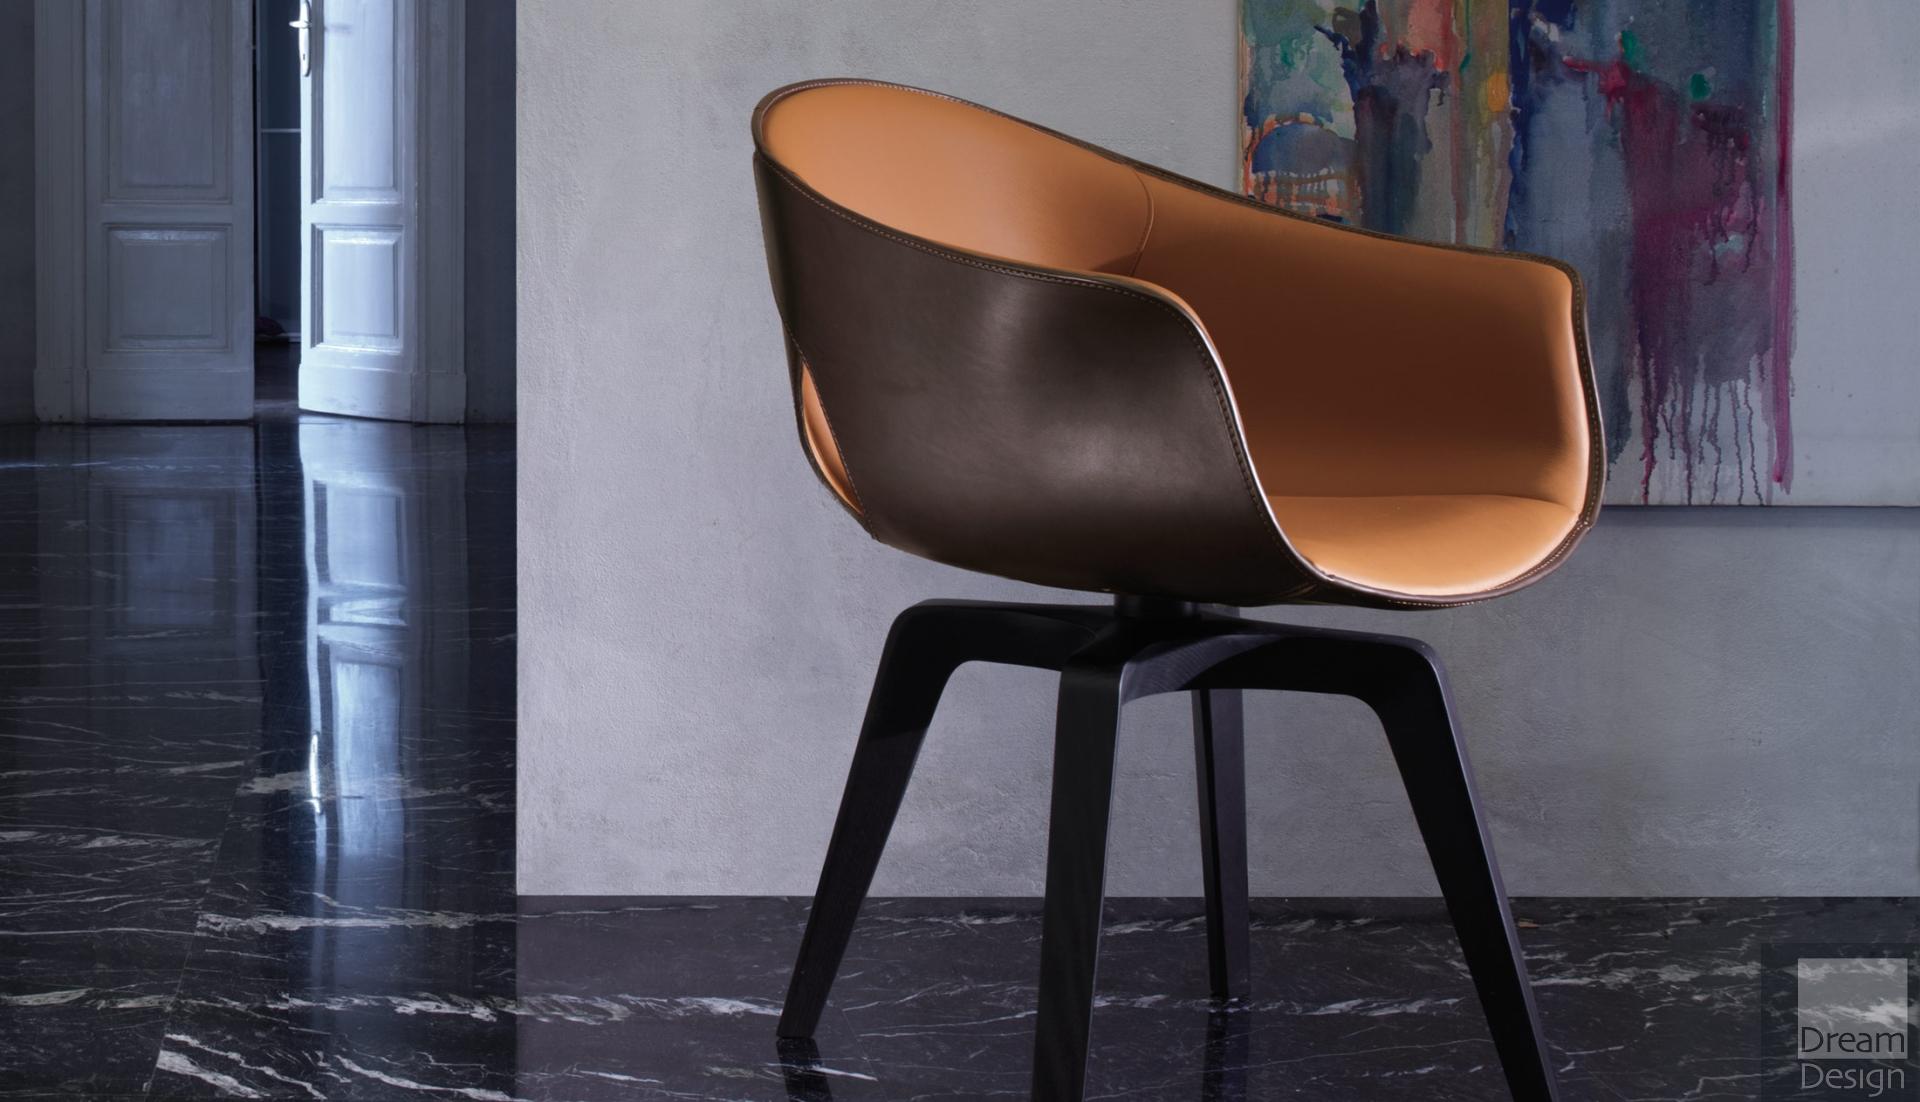 Poltrona Frau Brief Prezzo.Poltrona Frau Ginger Chair